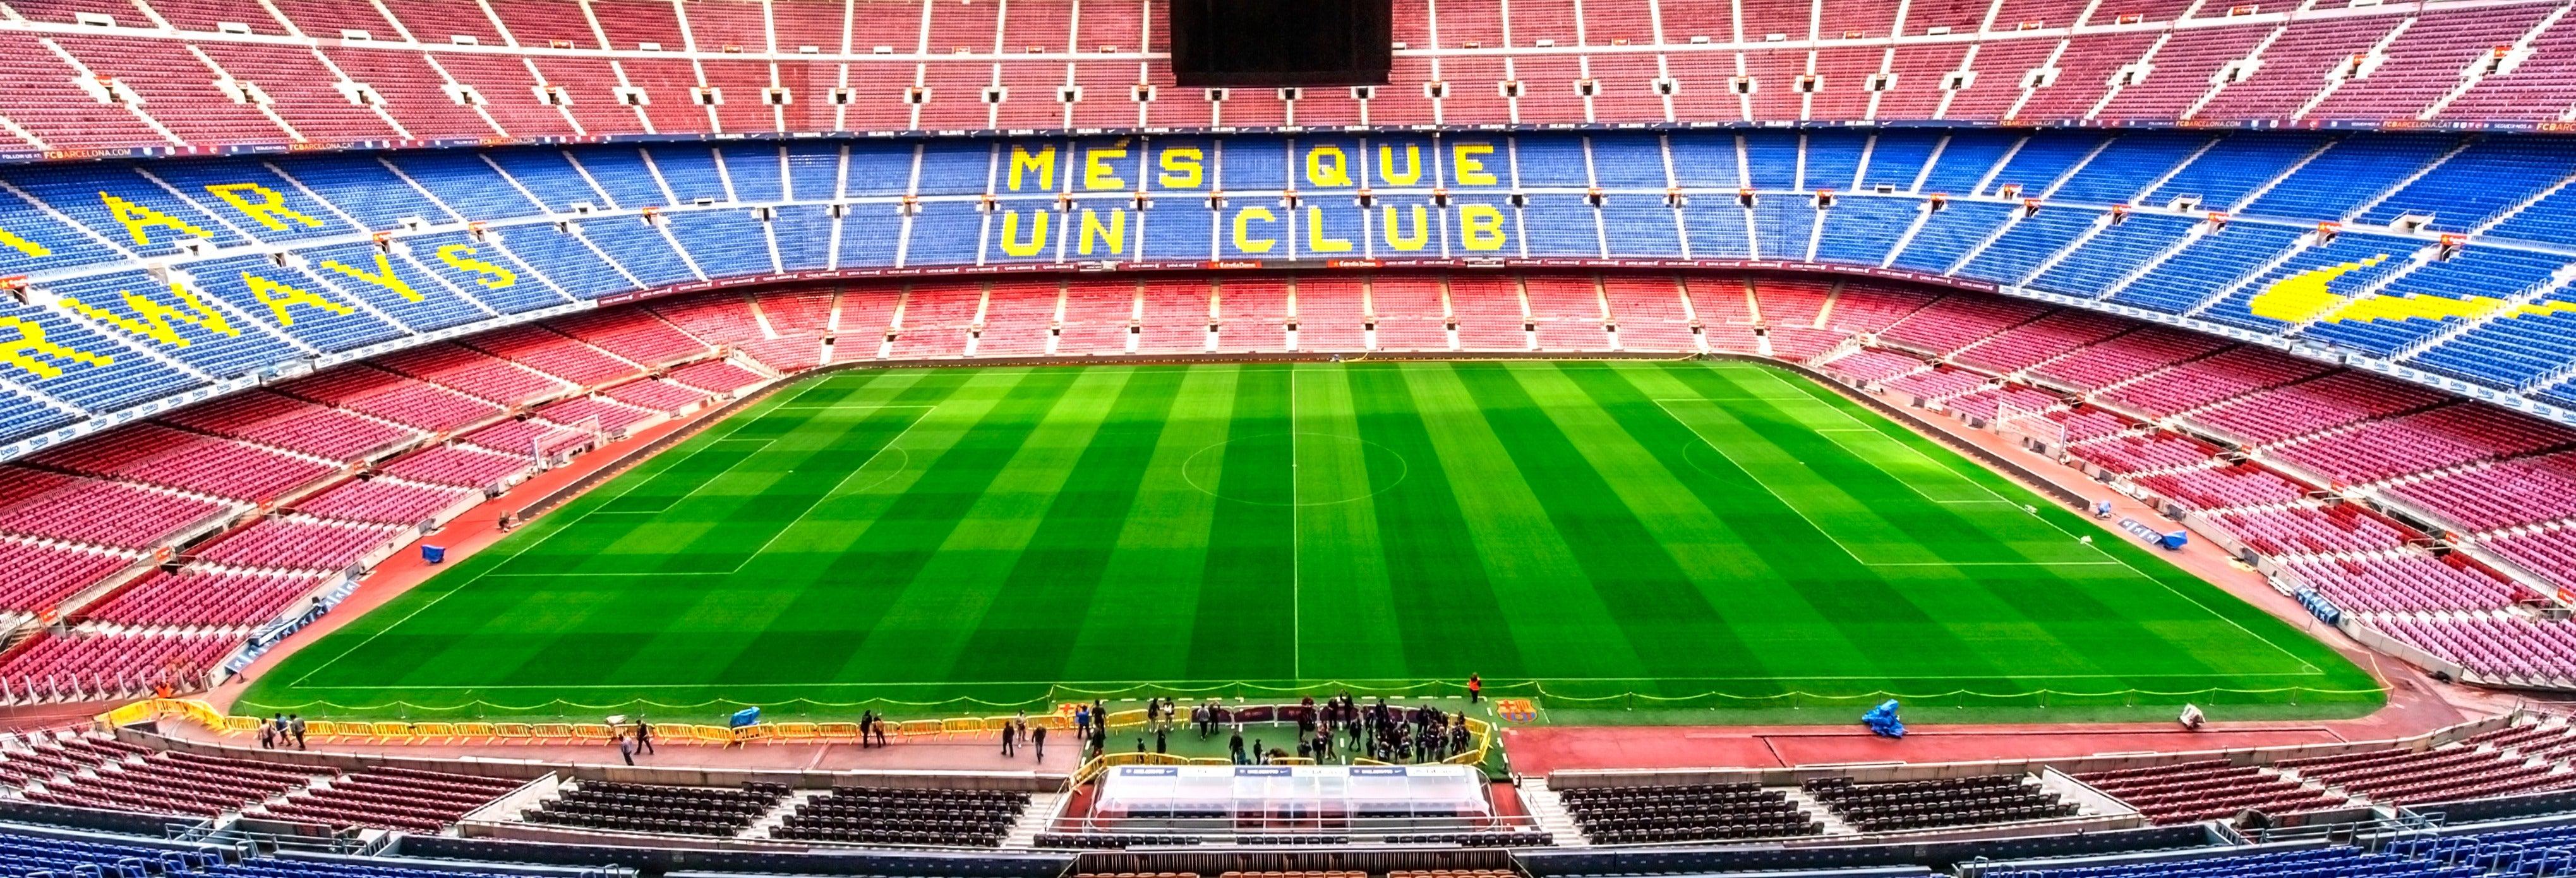 Visita guiada pelo Camp Nou